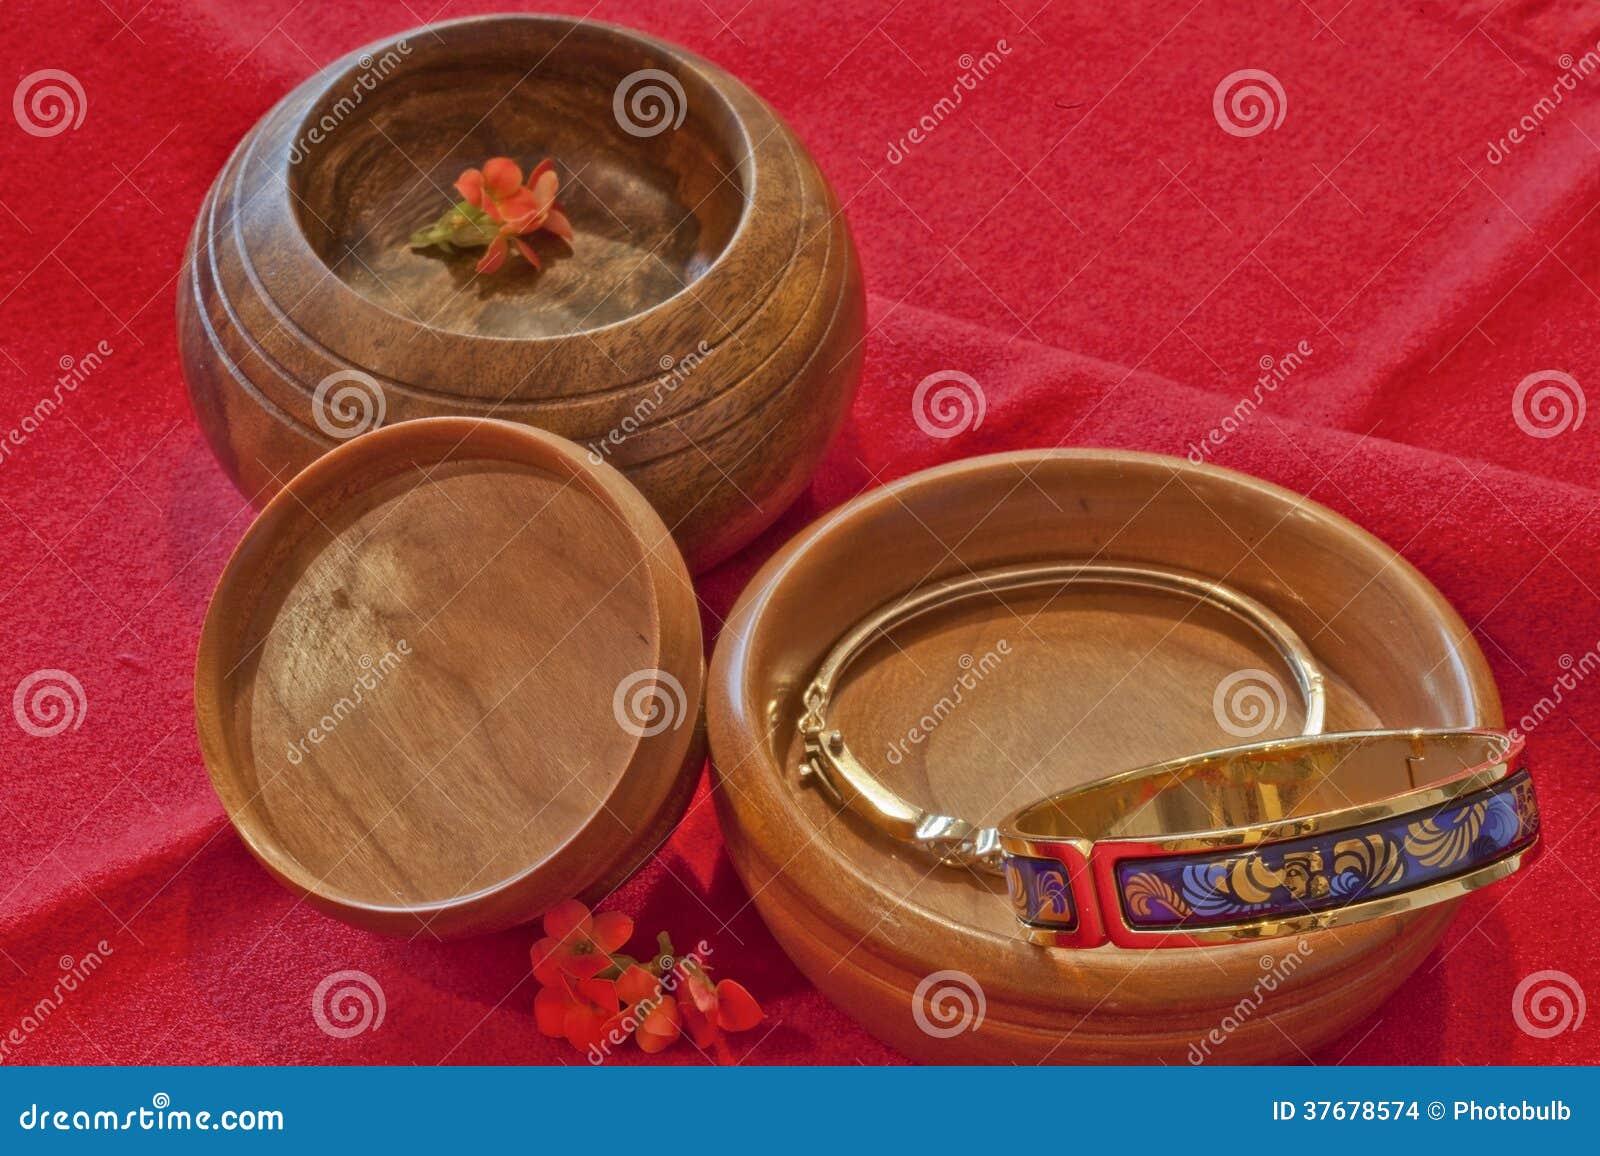 ... kersenhout en één Braziliaanse okkernoot houten kommen, met juwelen